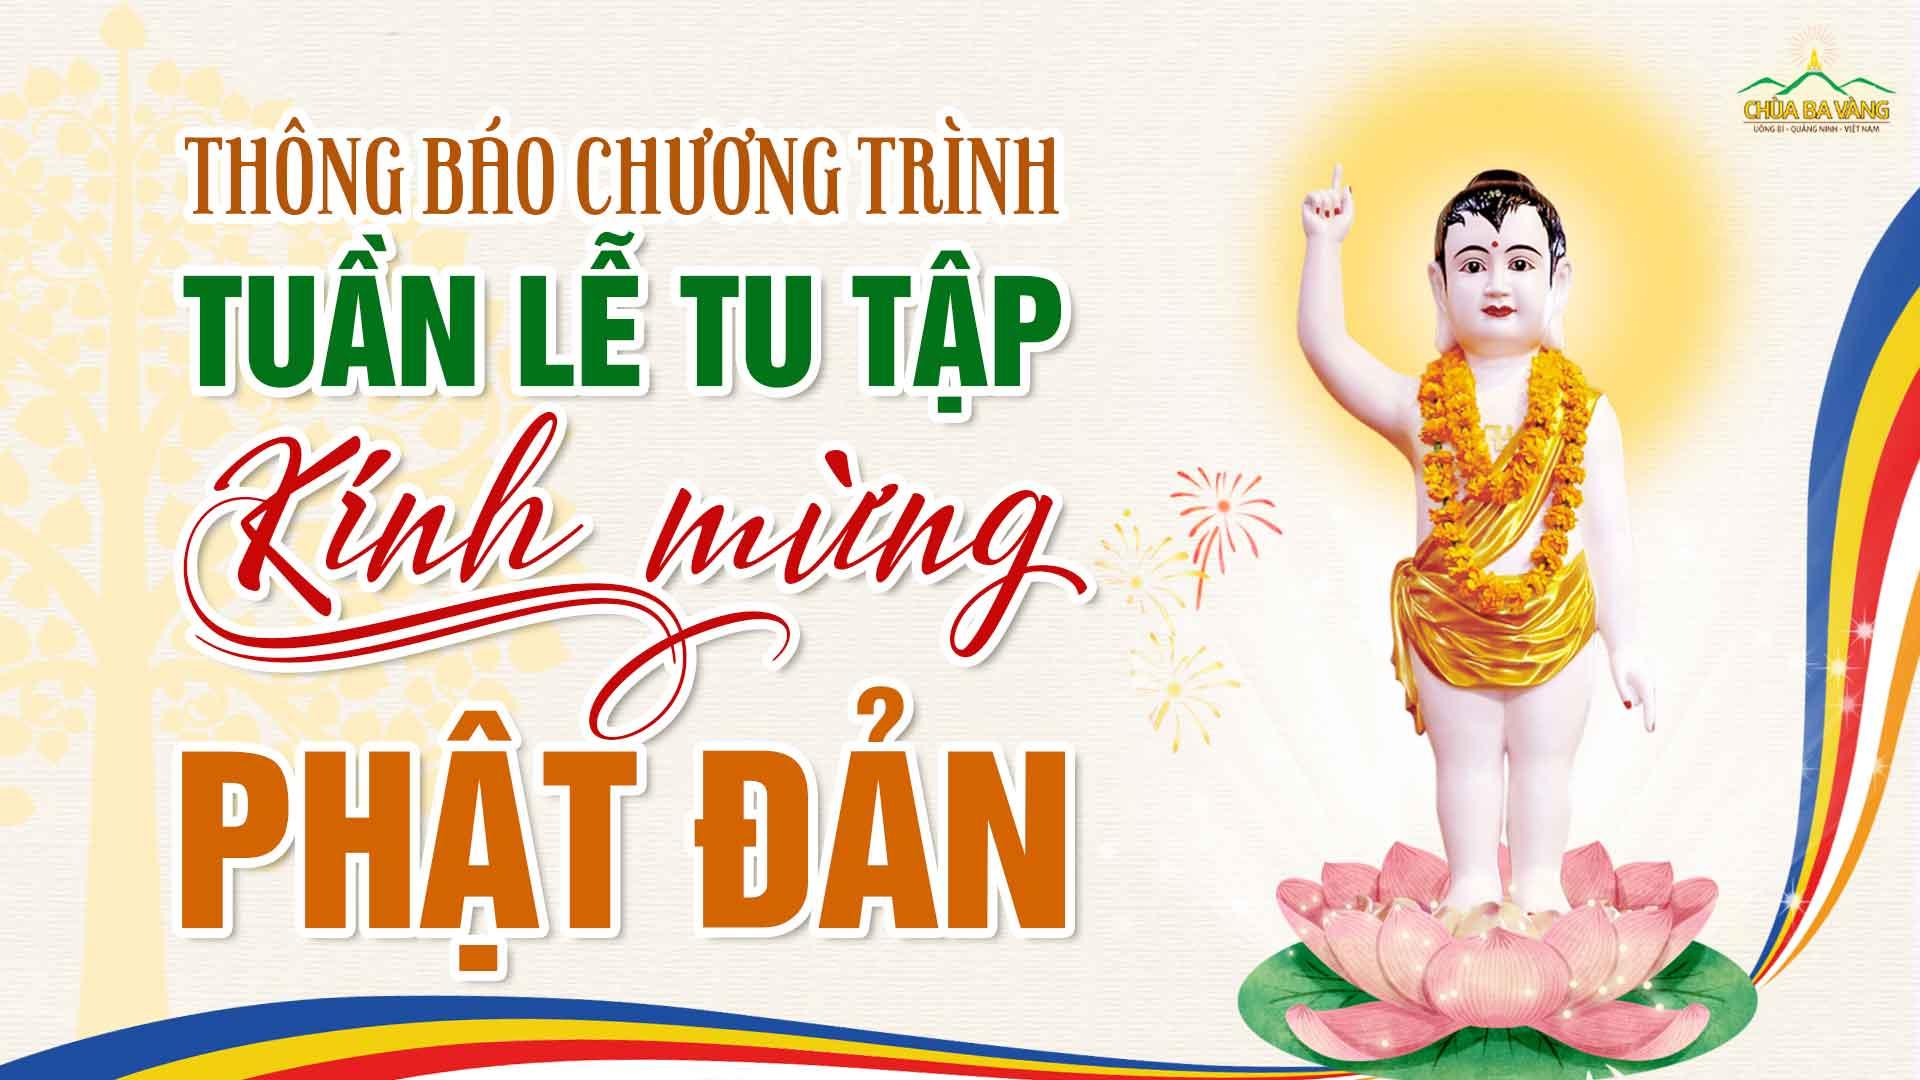 Thông báo chương trình tuần lễ tu tập kính mừng Phật đản